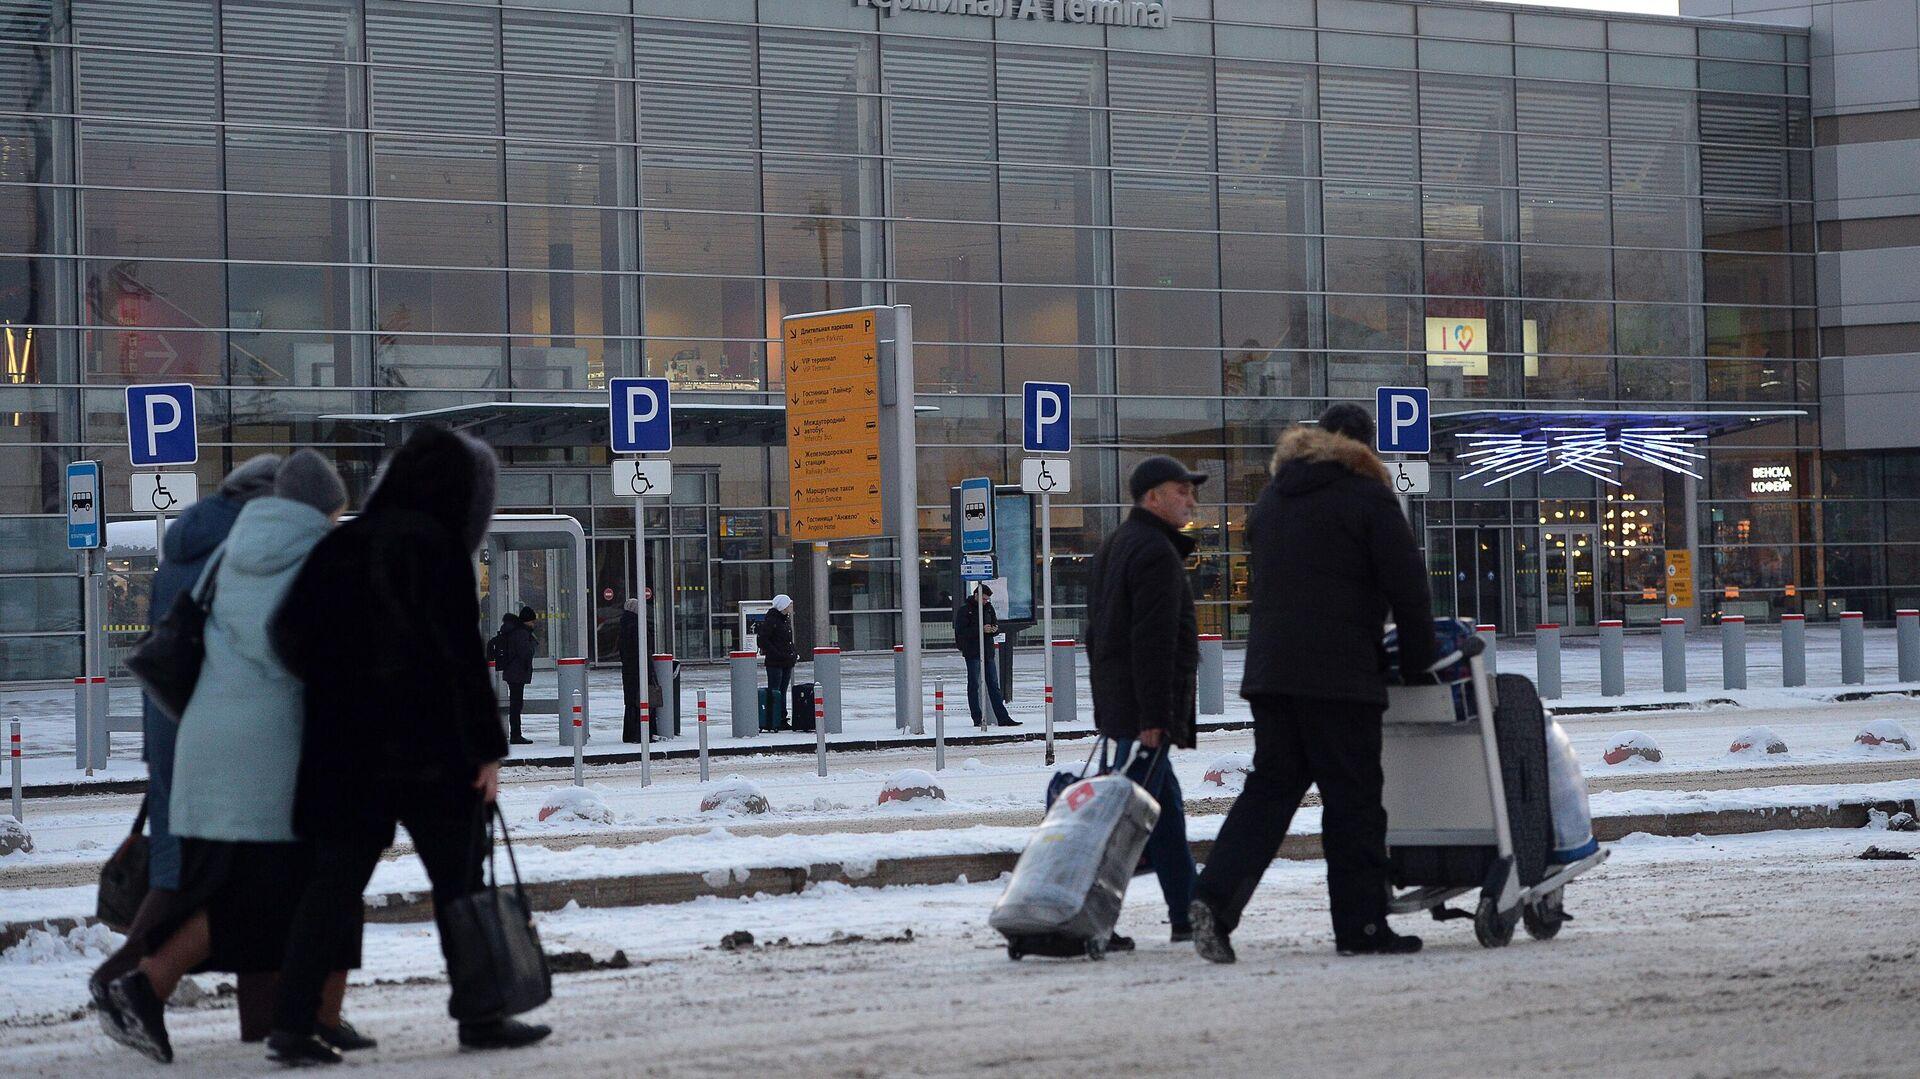 Вид на международный аэропорт Кольцово в Екатеринбурге - РИА Новости, 1920, 31.01.2021